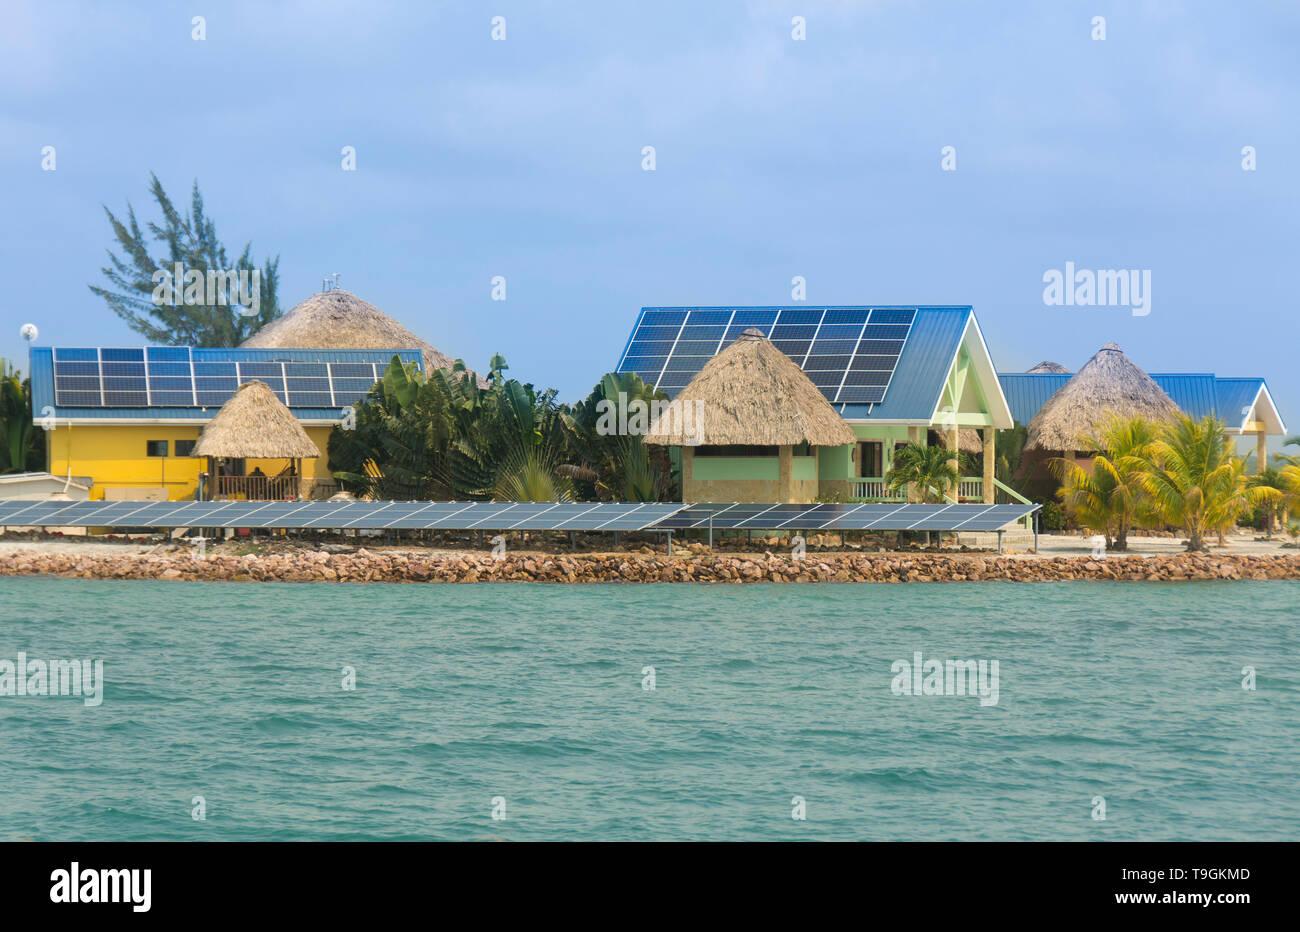 Isla pequeña residencia con paneles solares en los techos de las viviendas. Cerca de Placencia, Belice Imagen De Stock